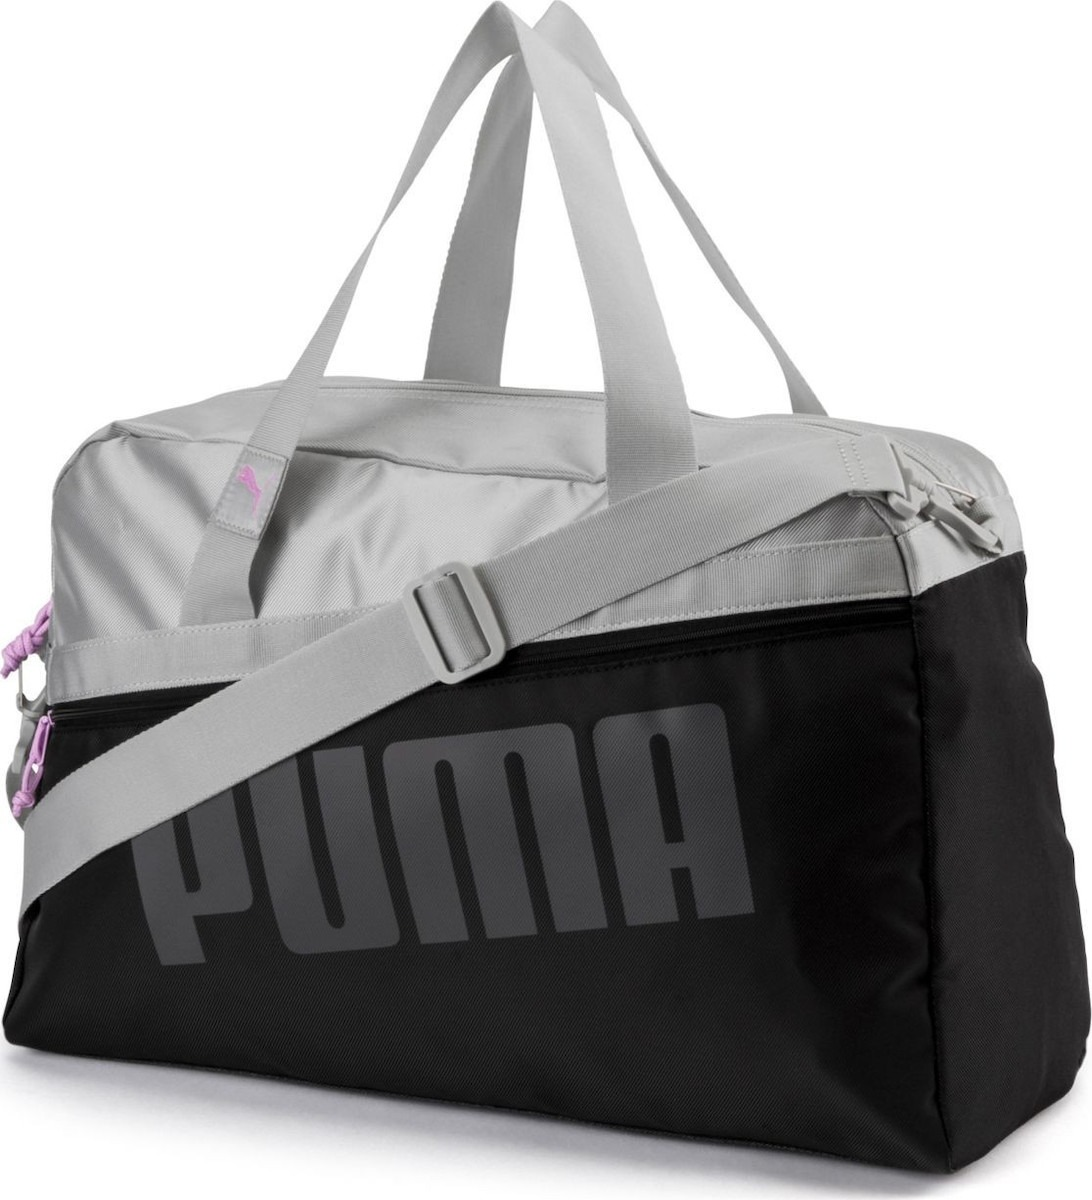 38102481f bolso puma dancer grip bag. Cargando zoom.